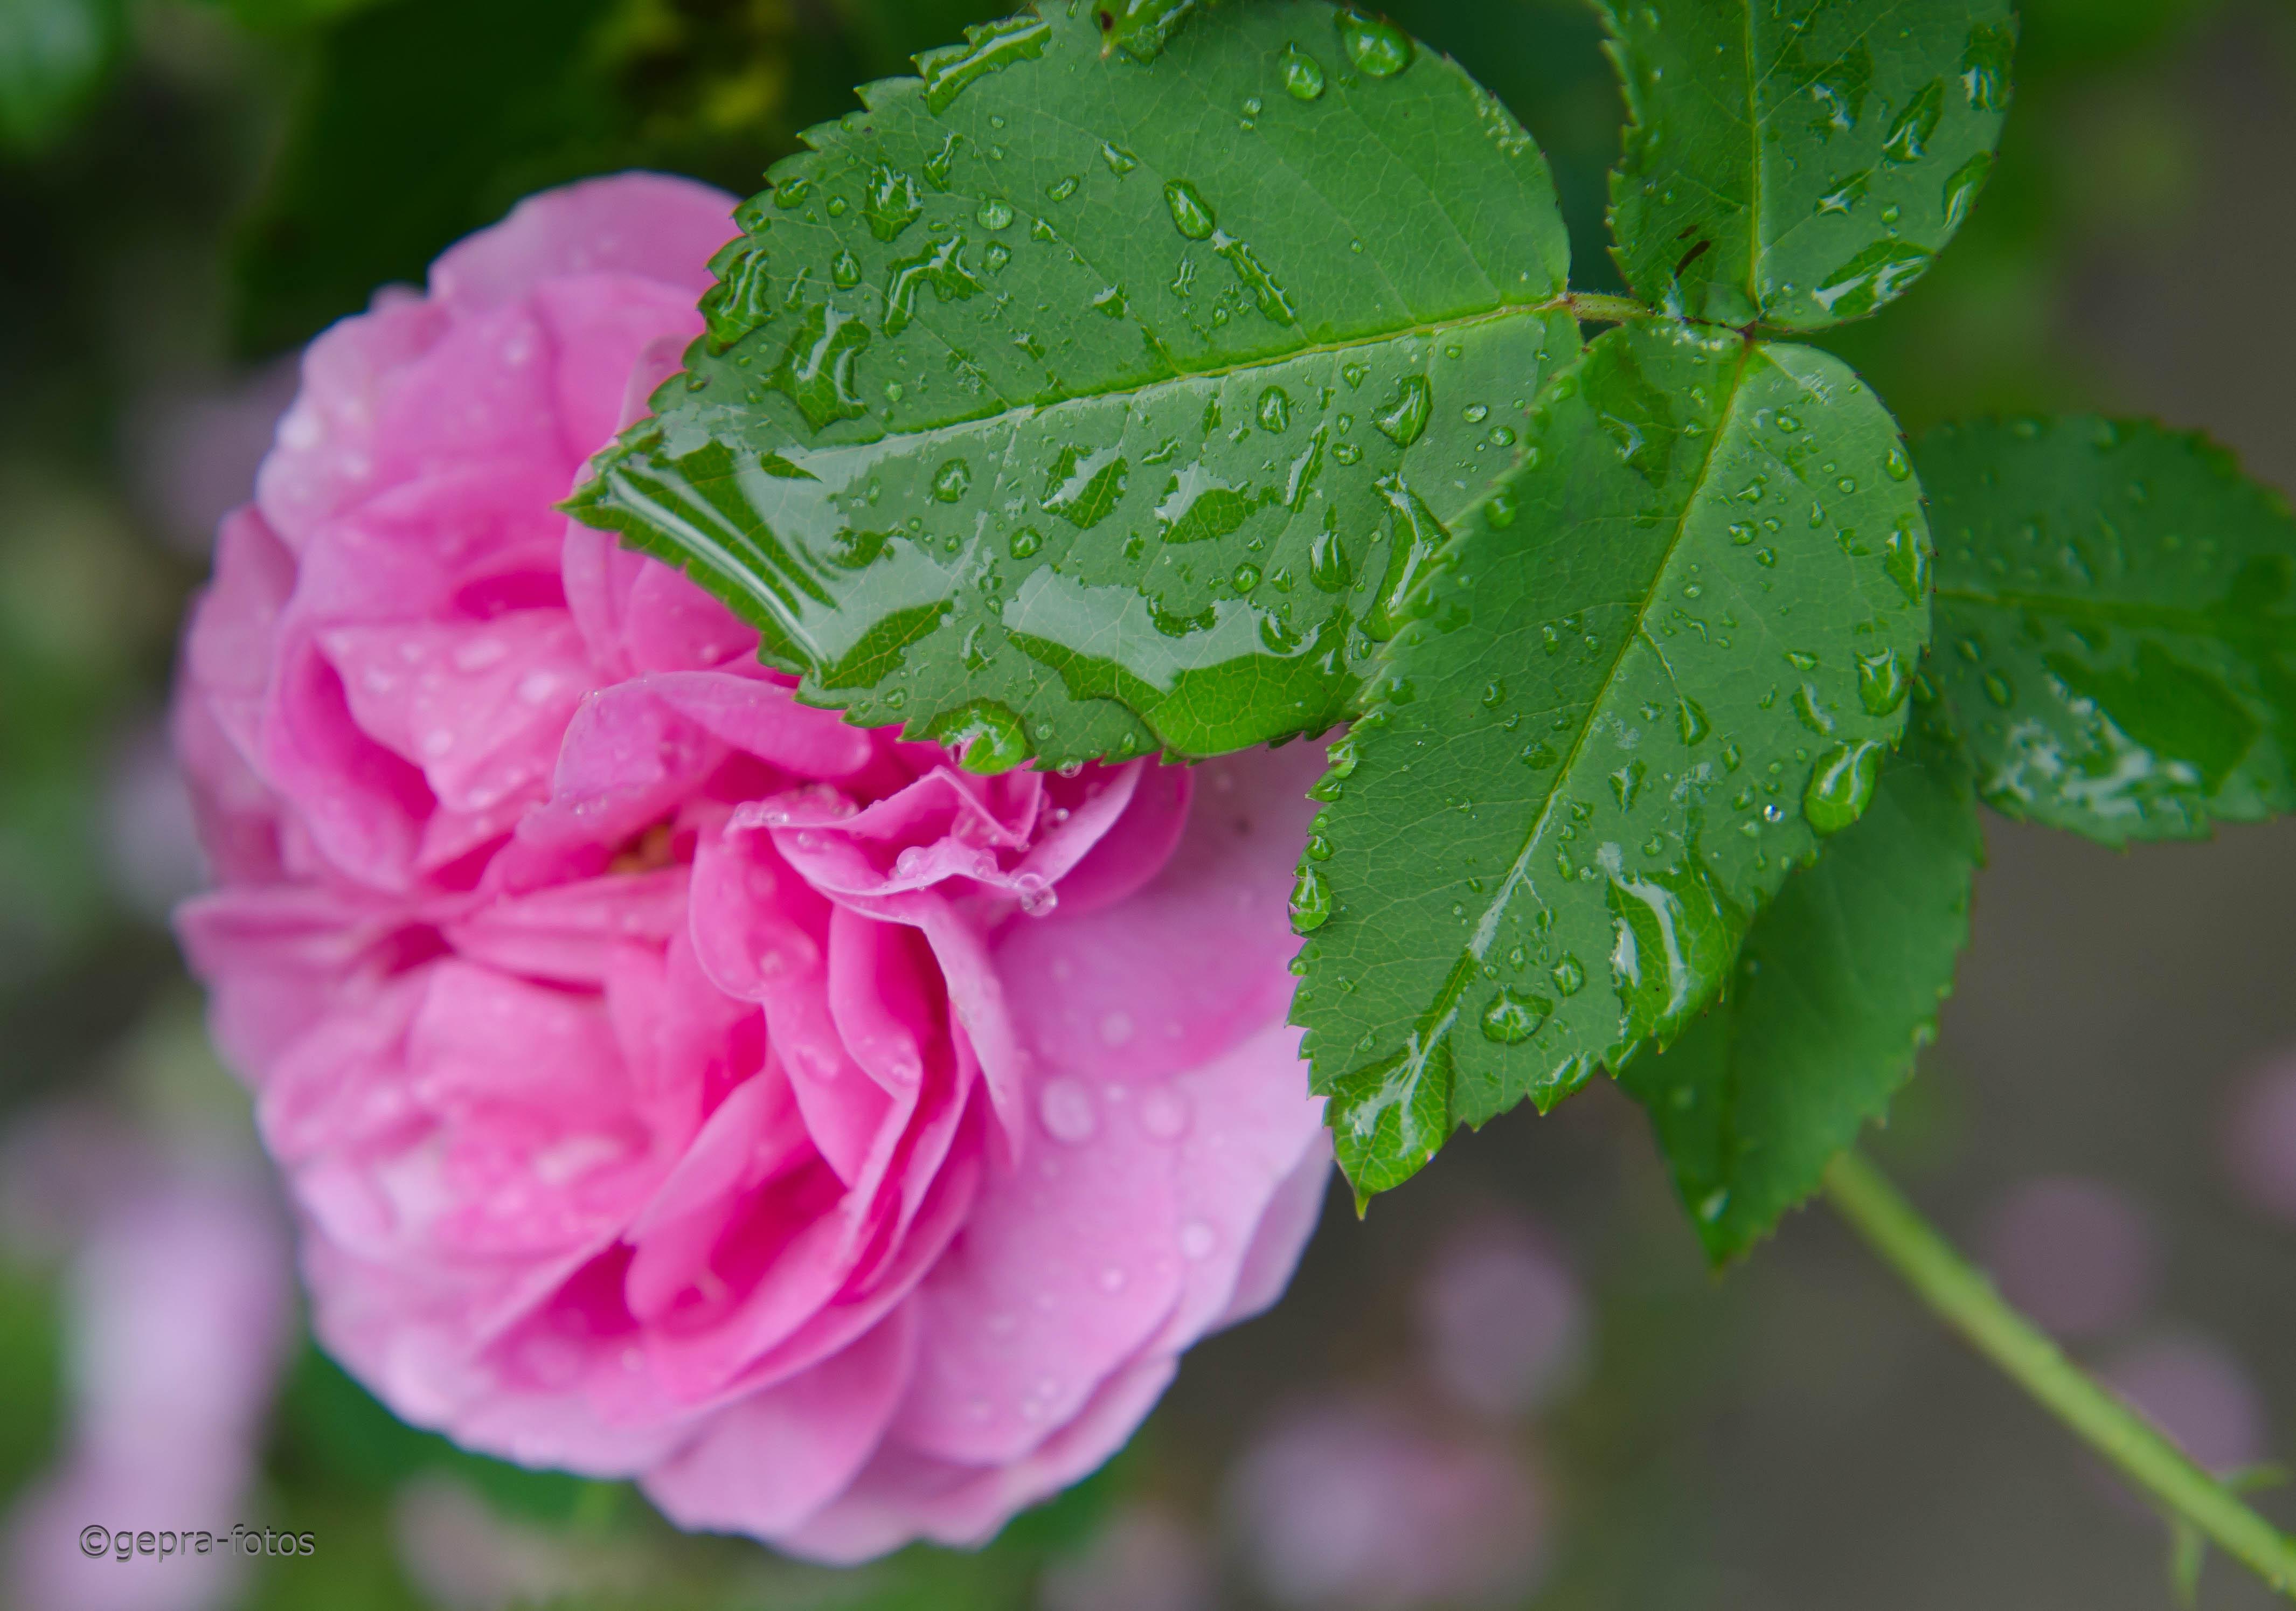 damaszener rose als heilpflanze welterbe klostermedizin. Black Bedroom Furniture Sets. Home Design Ideas